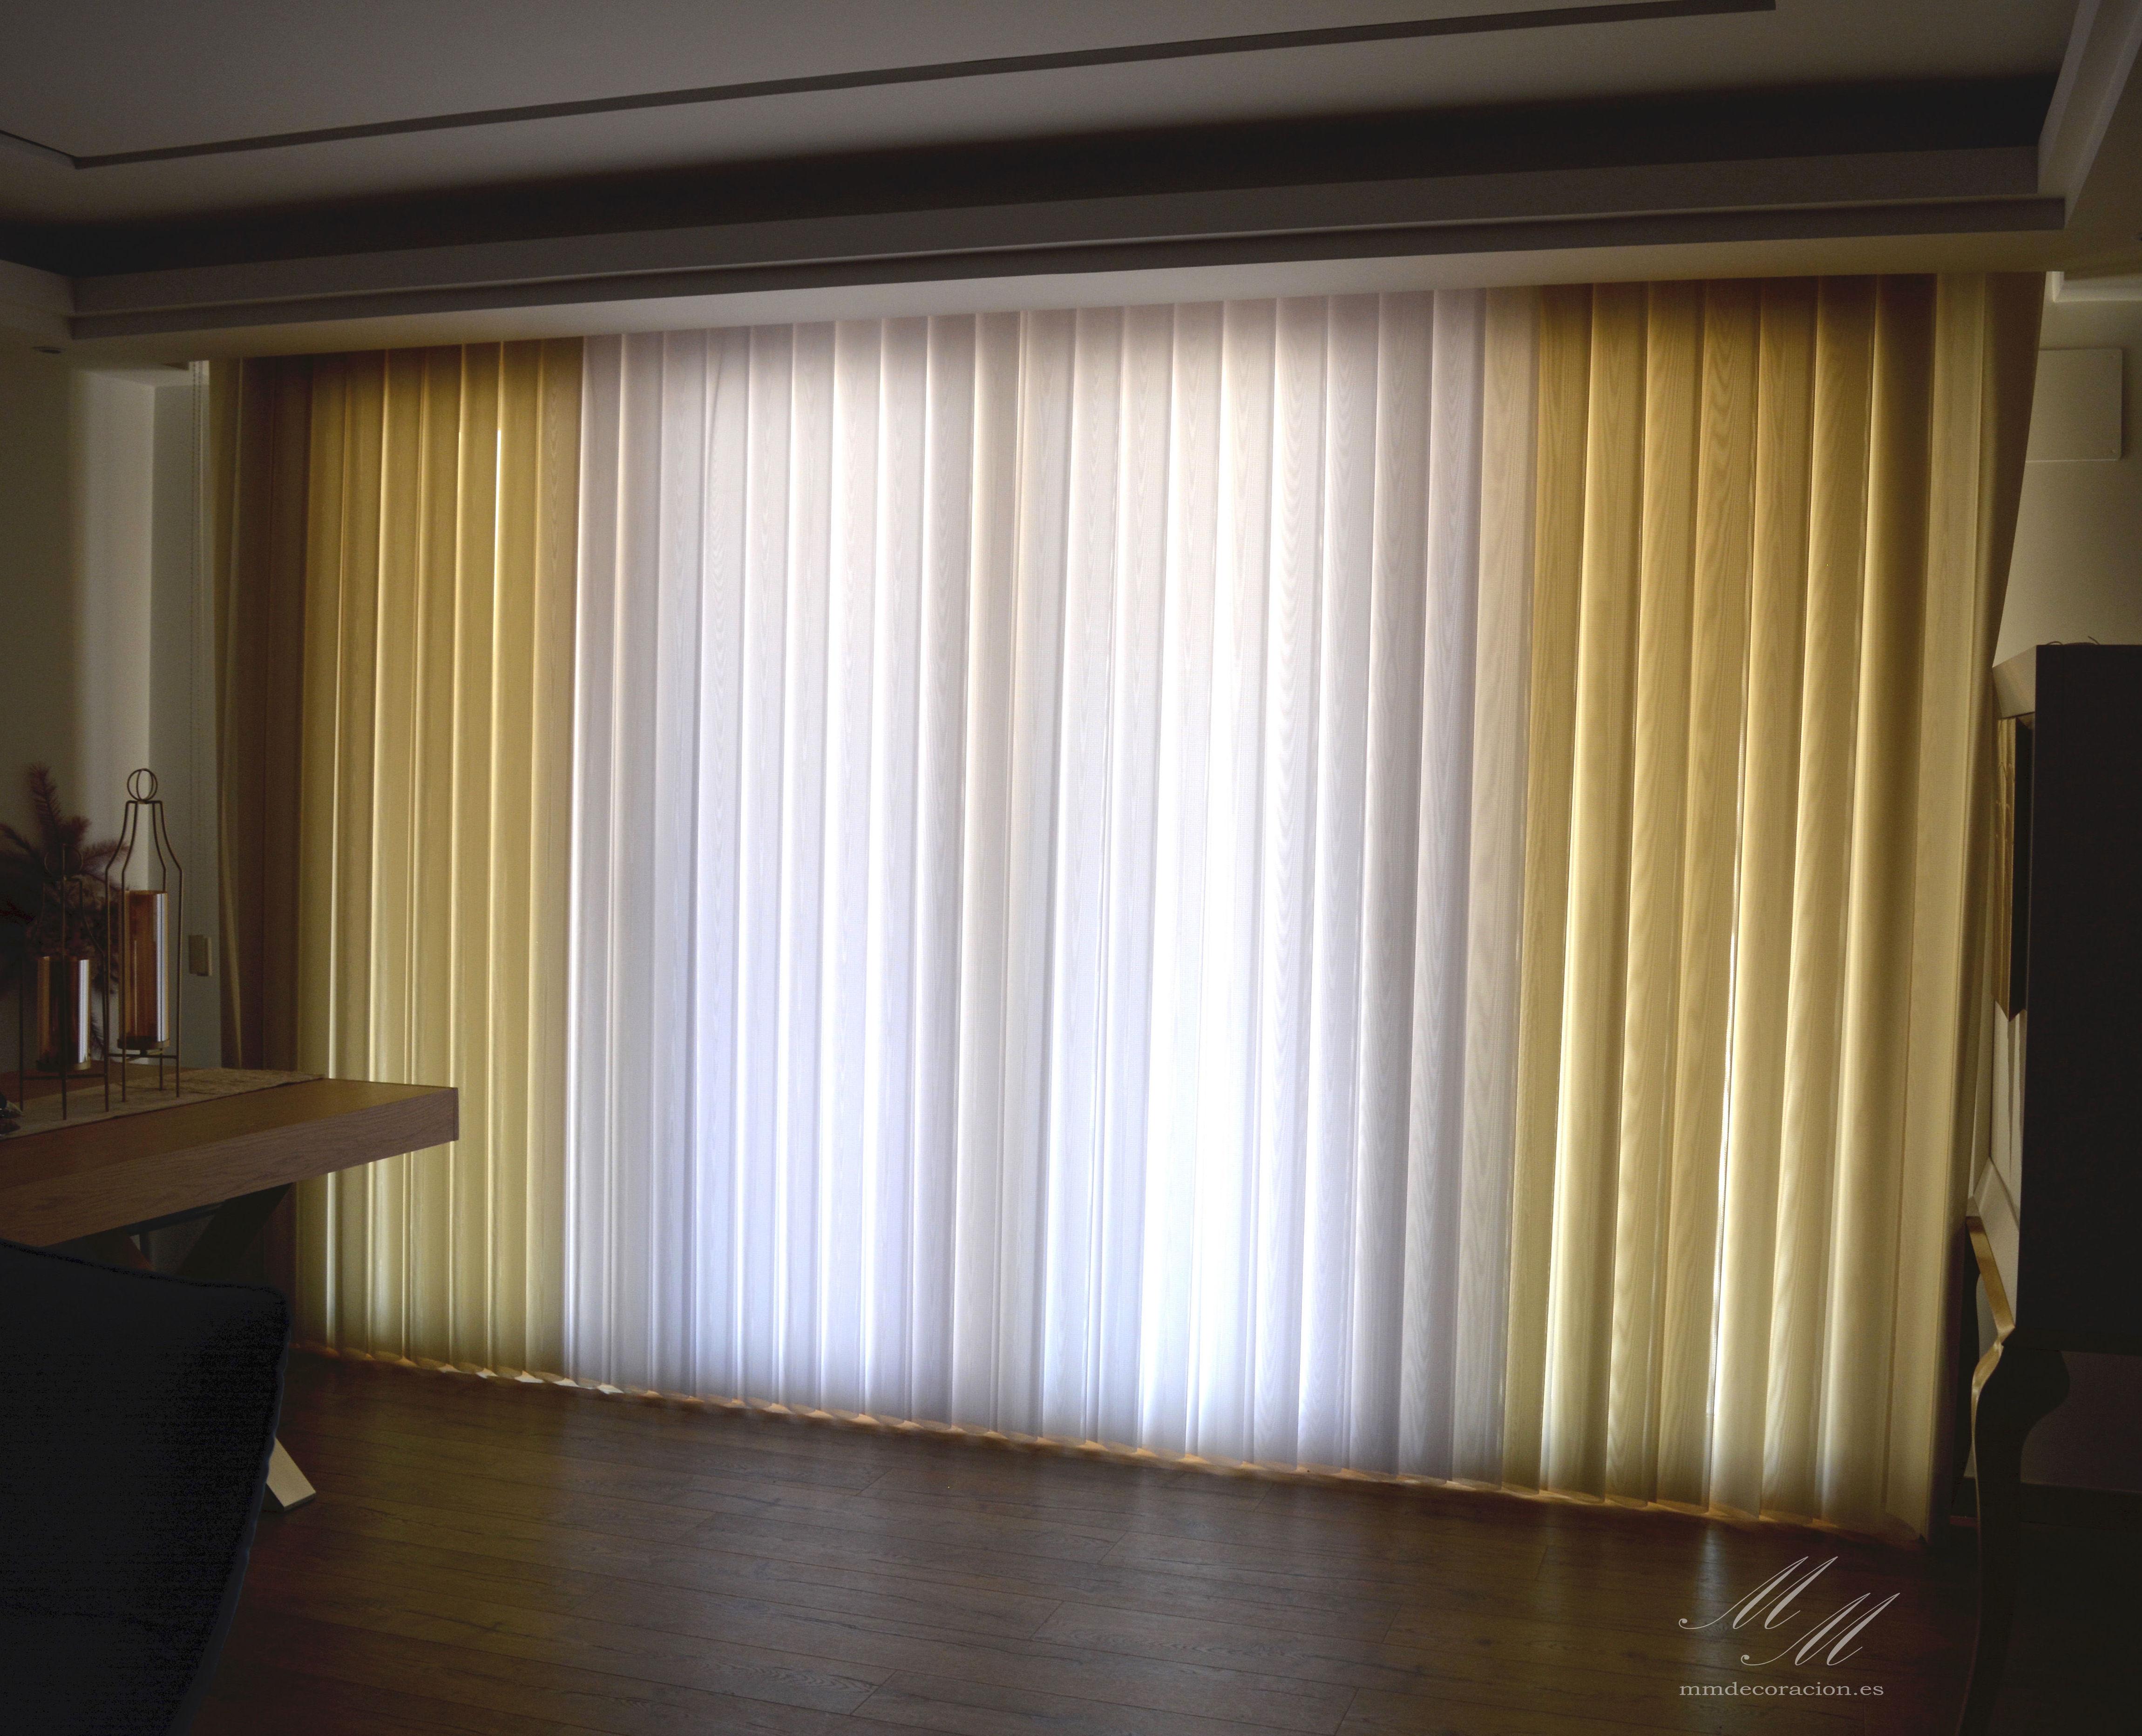 Nuevas cortinas Noche y día: Mediante estas persianas verticales de apariencia textil, se puede jugar con la exposición solar cerrando o abriendo su vuelo.